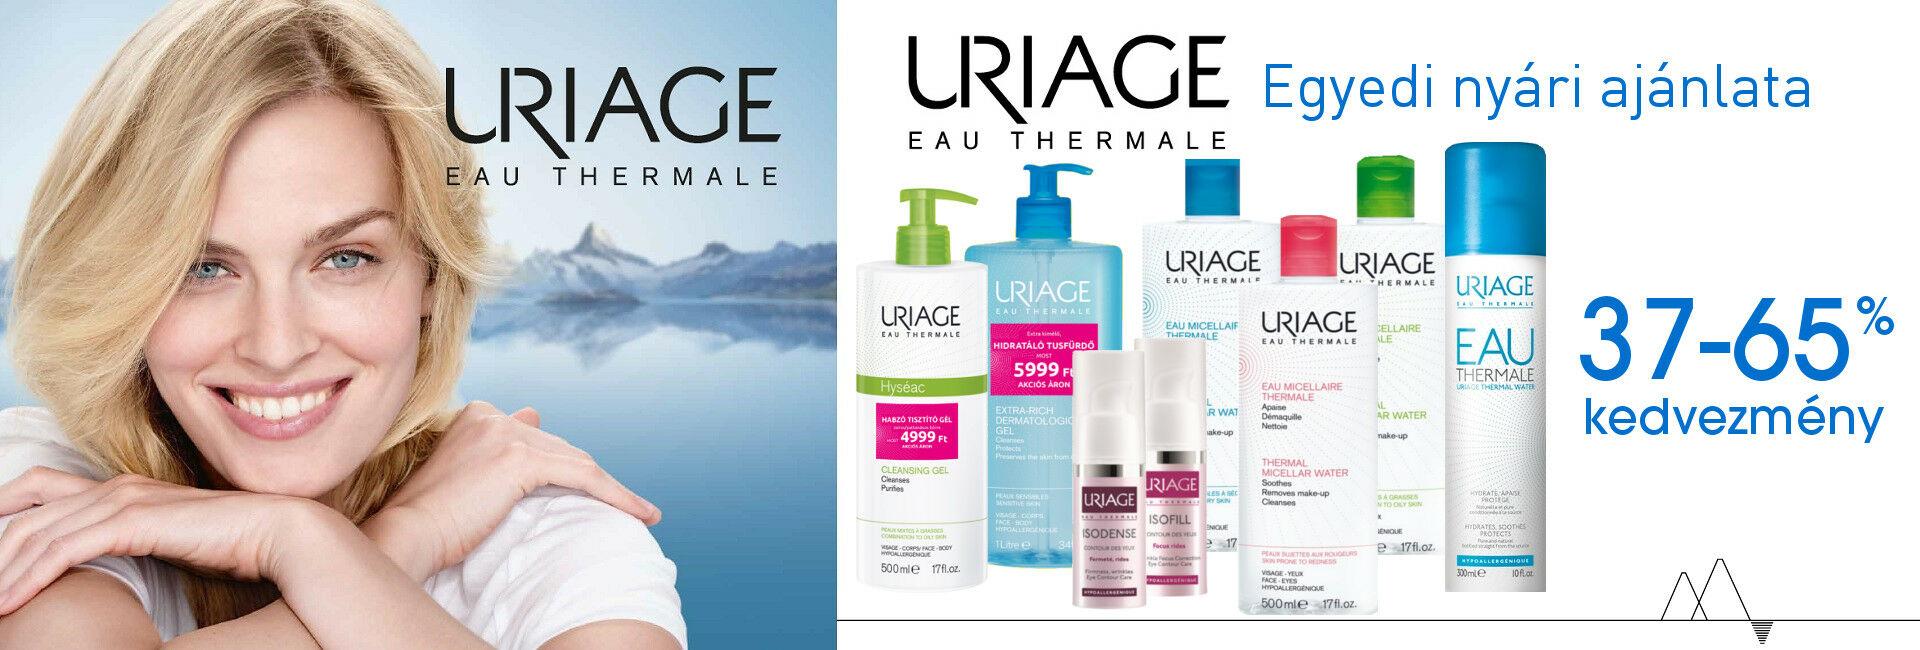 Számos Uriage terméket akár 65%-os kedvezménnyel kínálunk csak a készlet erejéig!